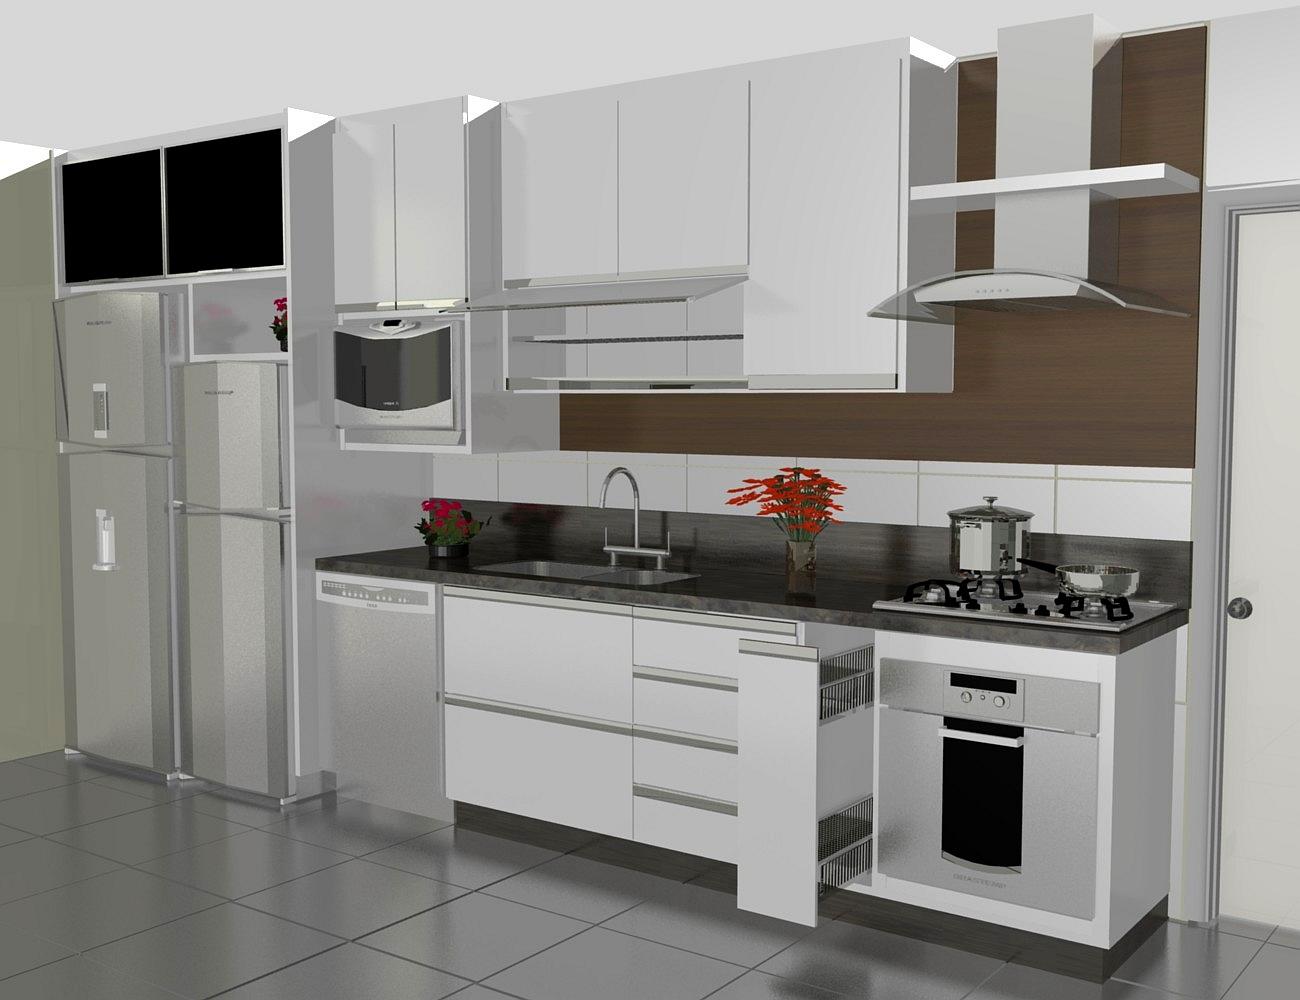 CASACOR NOIVAS PAINEL LACA ARMÁRIOS PROJETOS (11) 3976 8616: cozinha  #5D4839 1300 1000